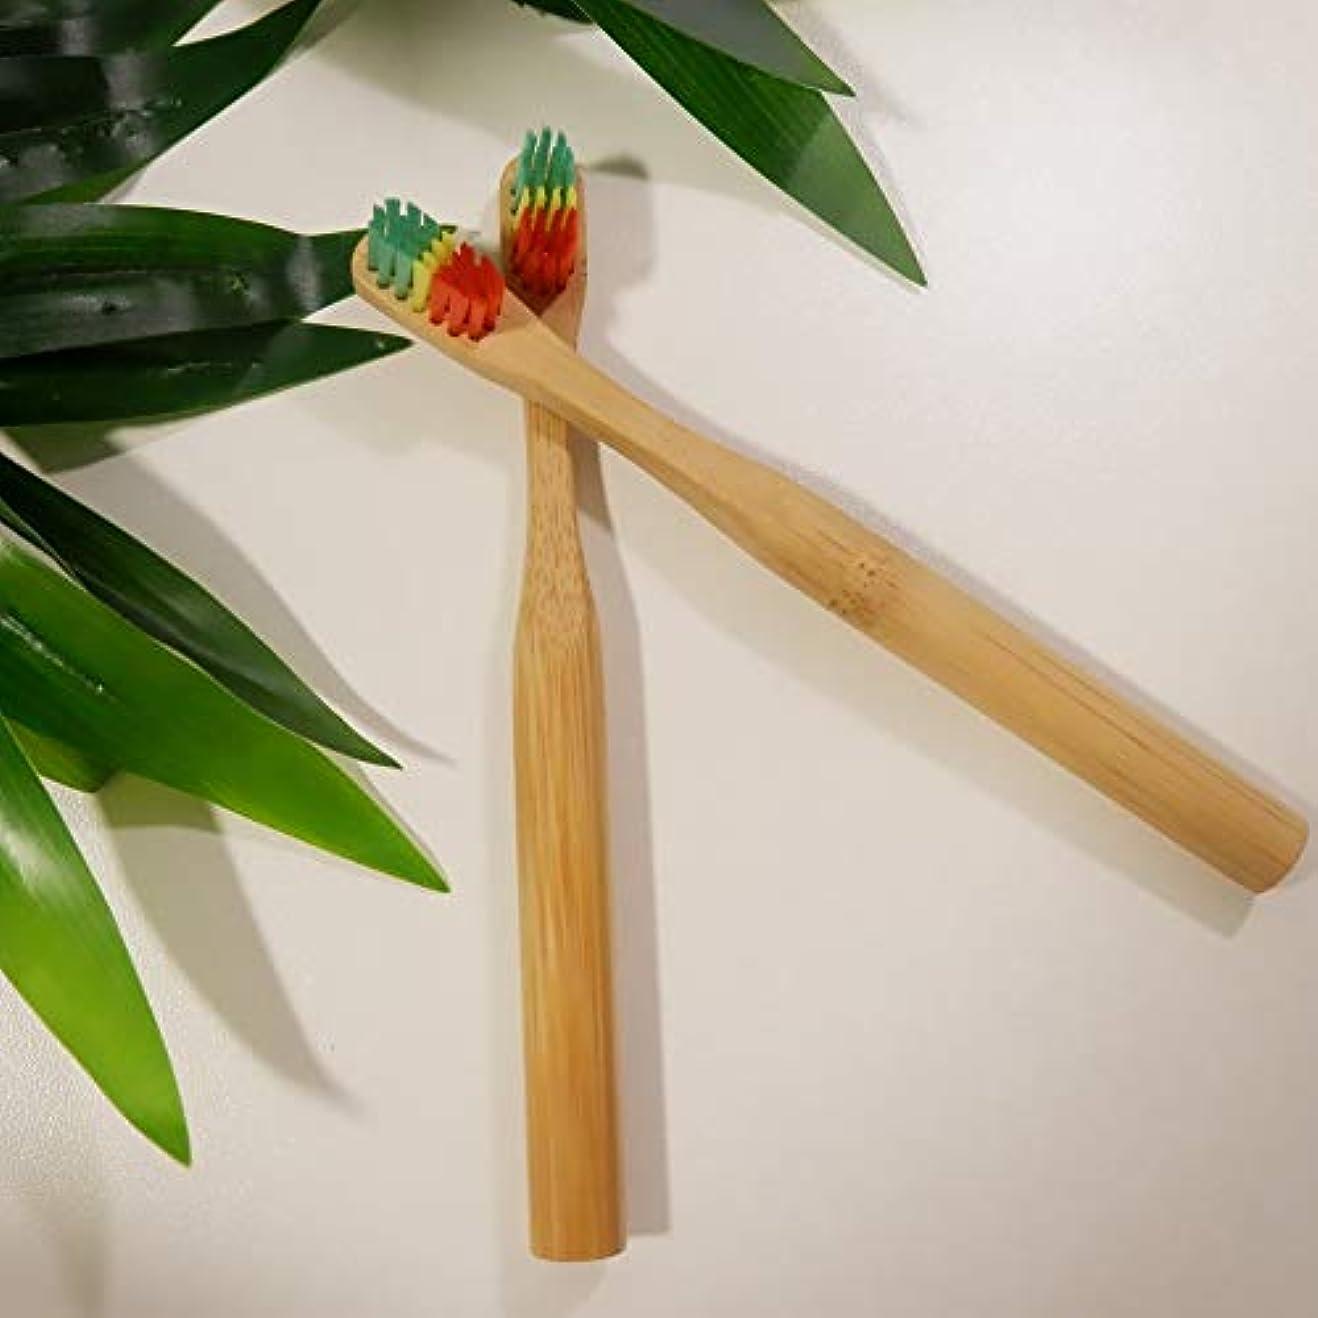 期限含むナインへSODAOA屋 8個セット 竹製 カラフル 歯ブラシセット 柔らかい 剛毛 子供 大人 木製 歯ブラシ 歯科心配環境に優しい BPAフリー 旅行用 可愛い シンプル クリスマスギフト 便利